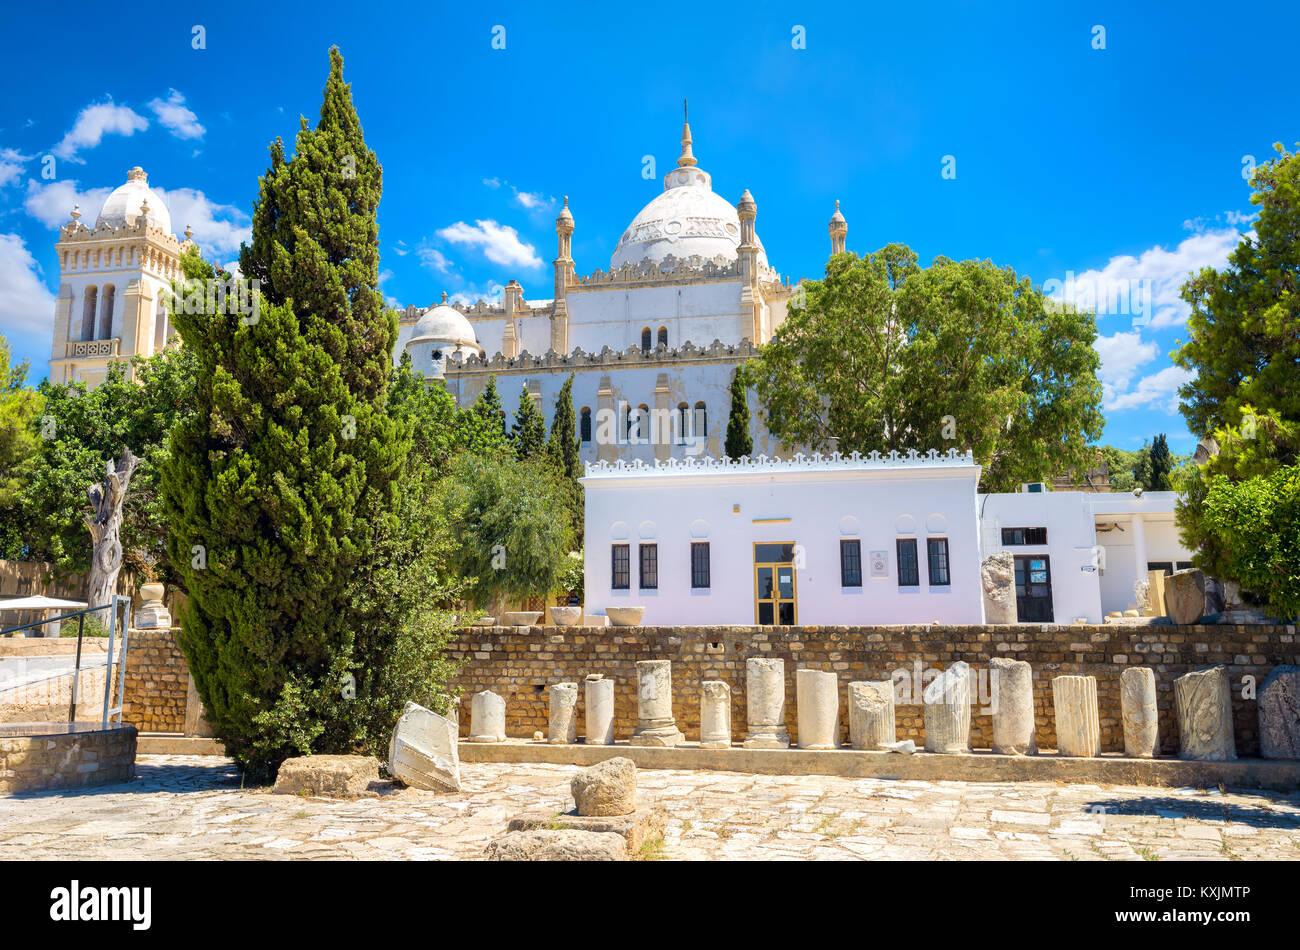 Vue de la Cathédrale Saint Louis (Acropolium). La colline de Byrsa, Carthage, Tunisie Photo Stock